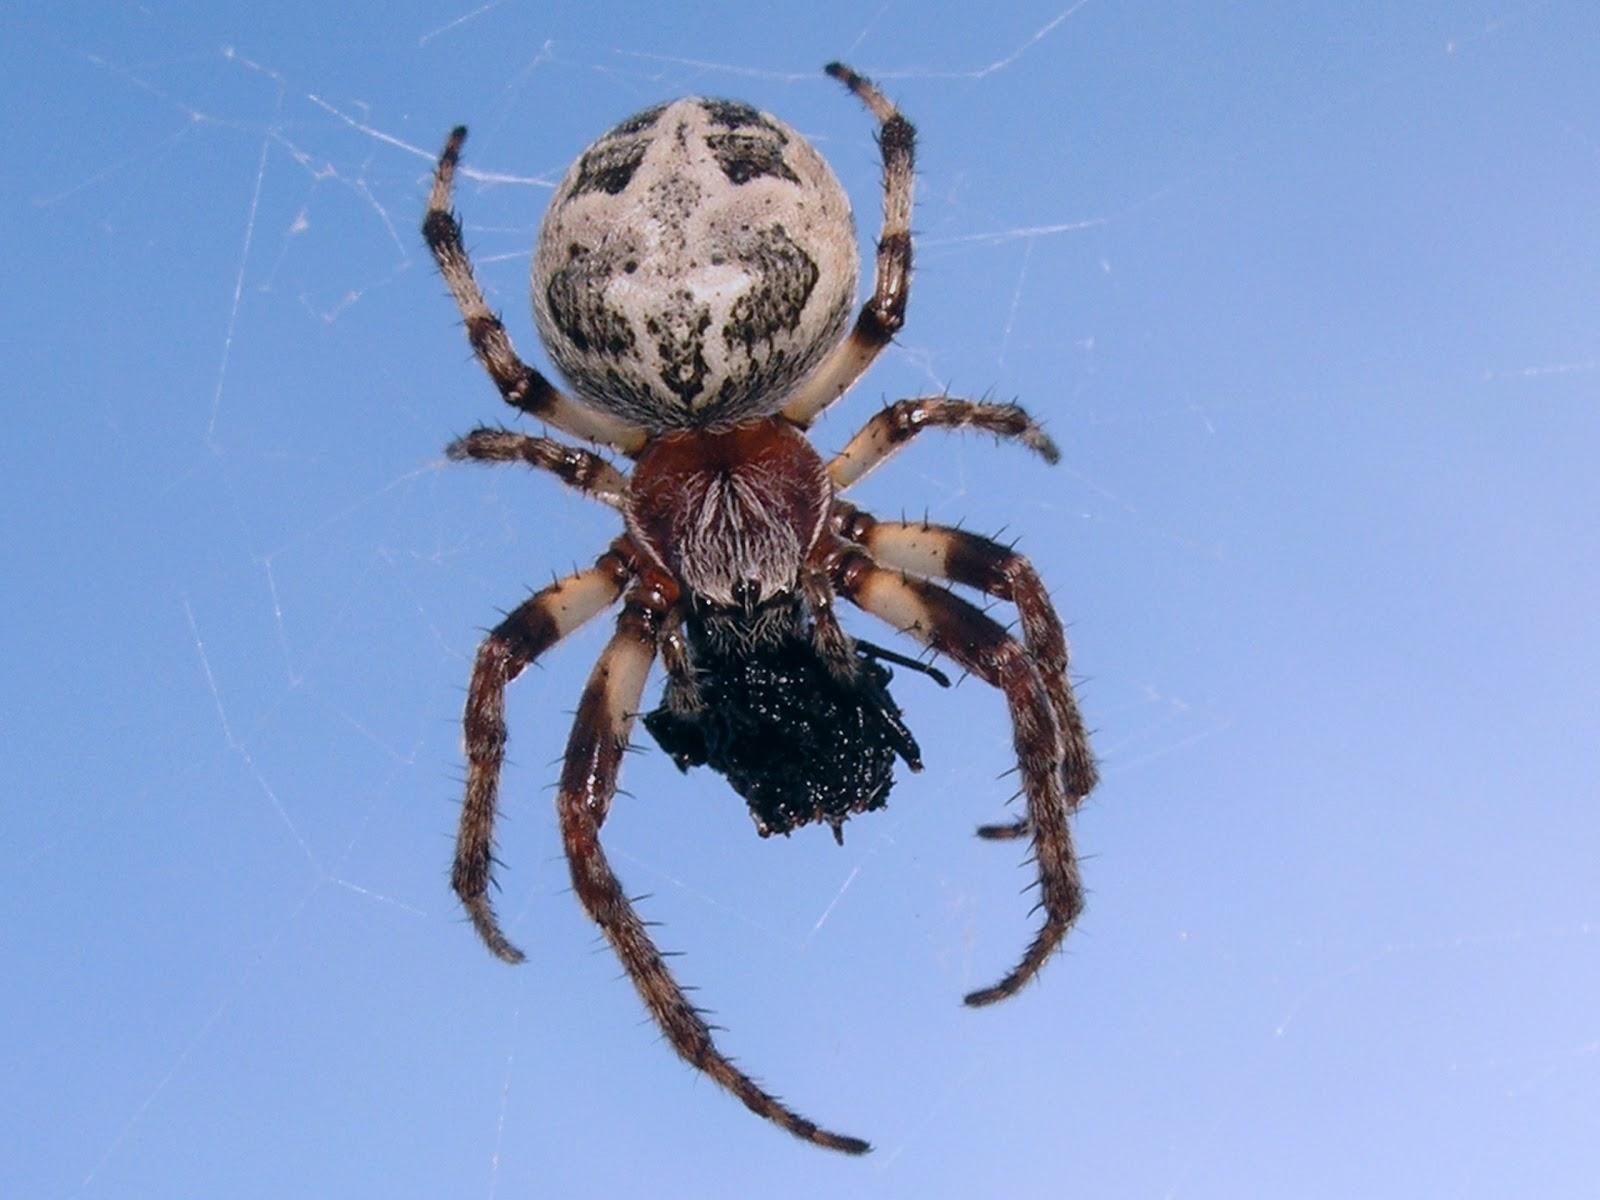 Partes de la araña